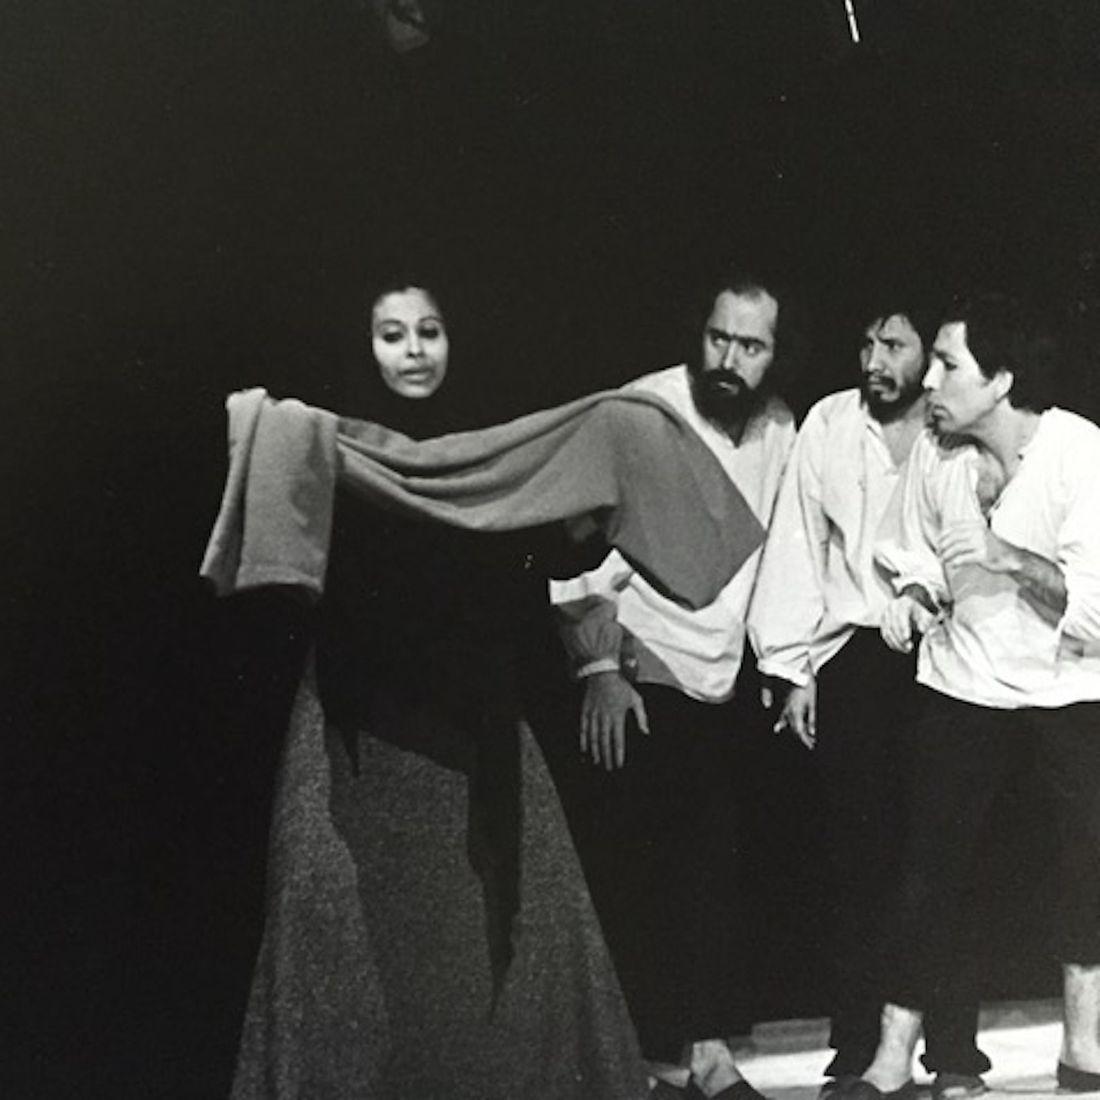 La maestra de escuela  by Enrique Buenaventura, directed by Gustavo Gac-Artigas, actors: Priscilla Gac-Artigas, Gustavo Gac-Artigas, Freddy Rojas and Jaime Prat Corona